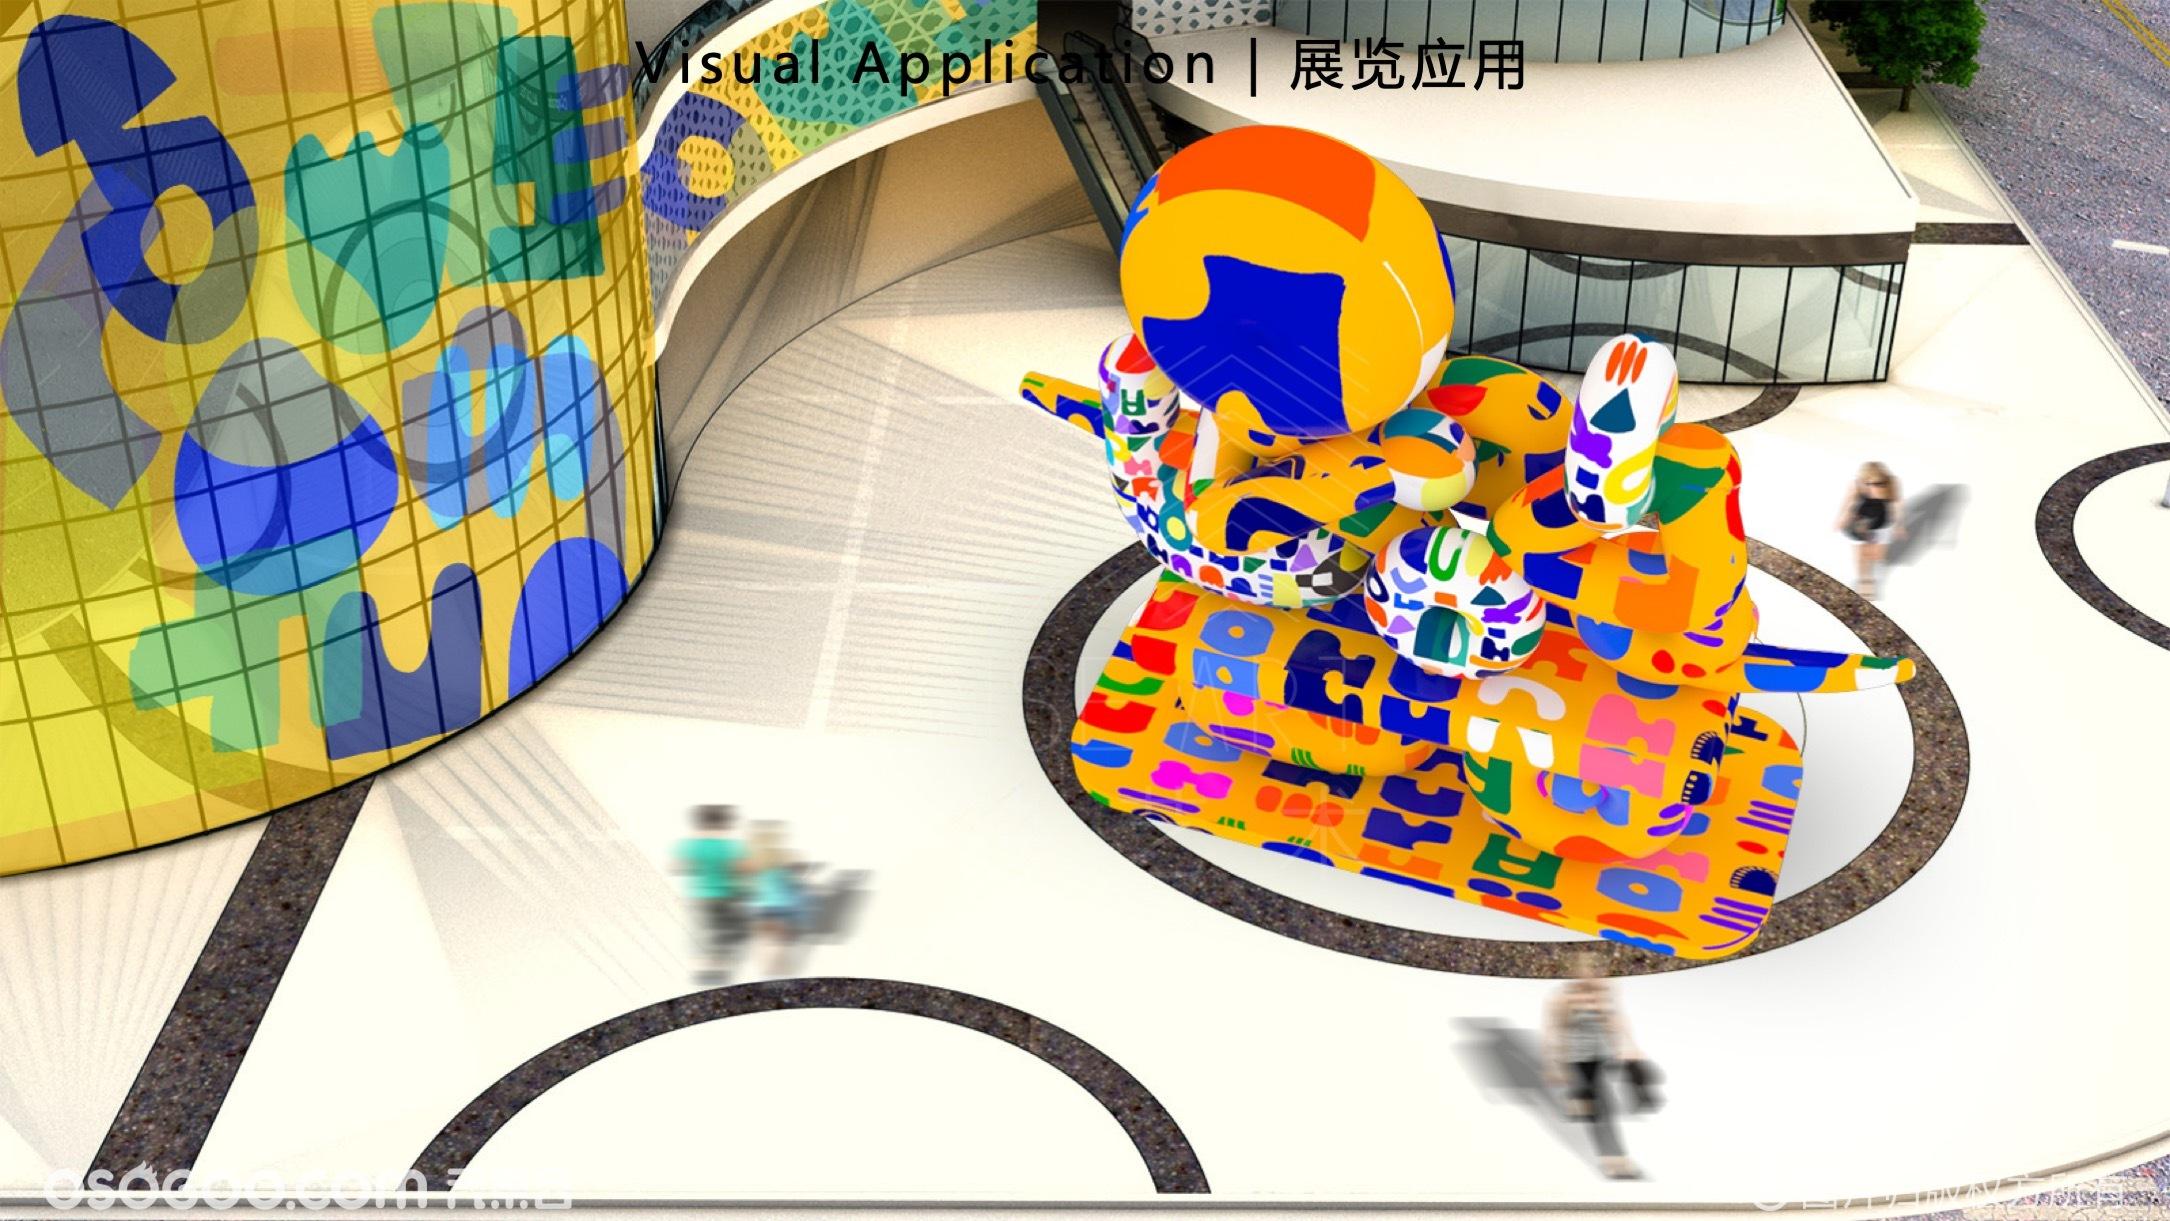 【奇色脑洞游乐园】英国抽象奇特插画艺术家主题IP空间气模体验